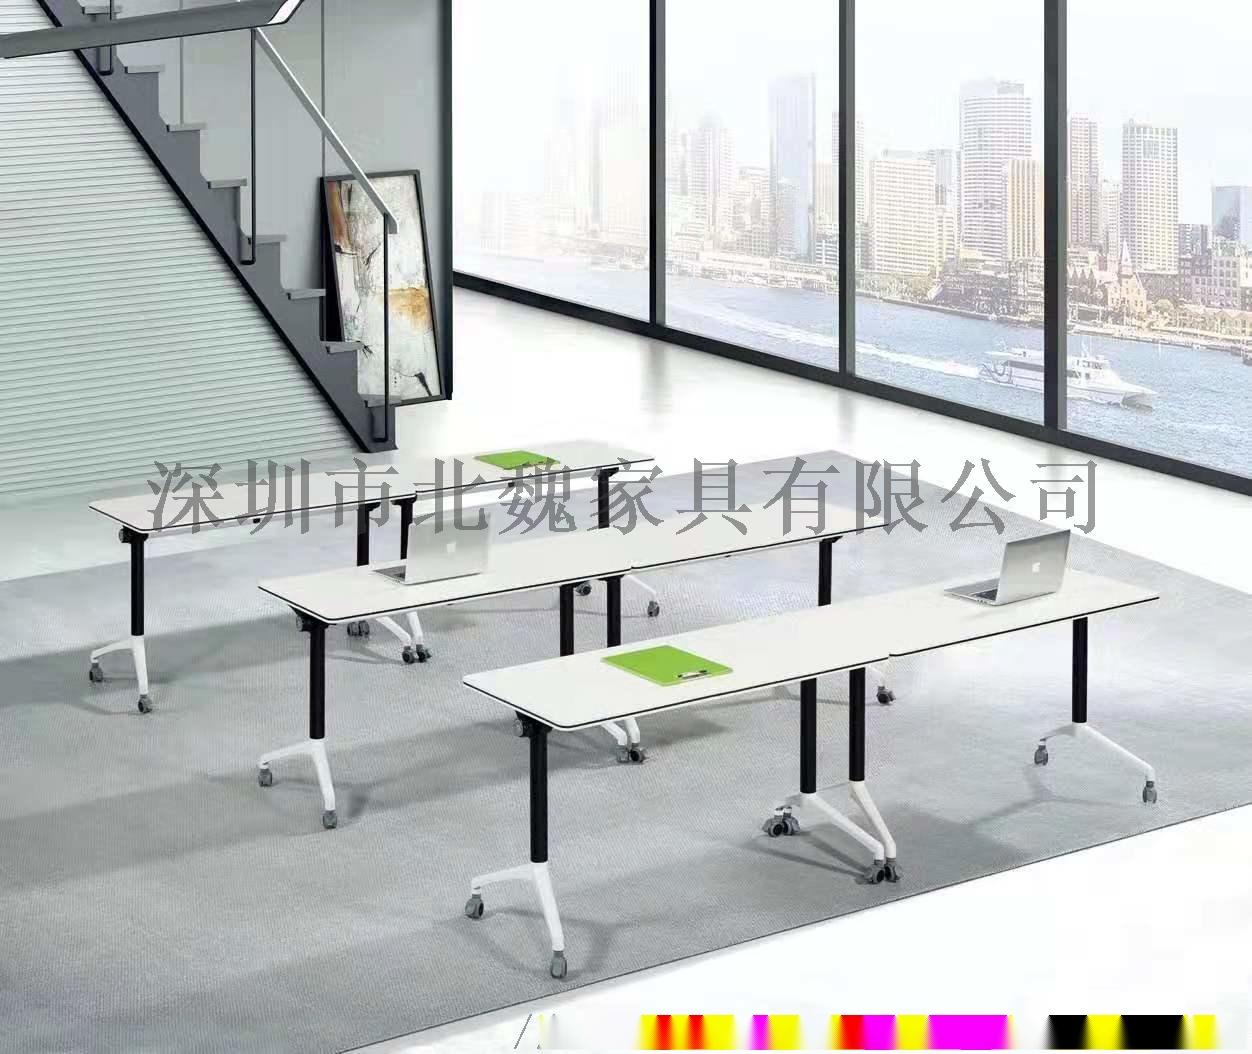 培训班折叠桌椅-员工折叠培训桌椅-可移动培训桌椅123205525